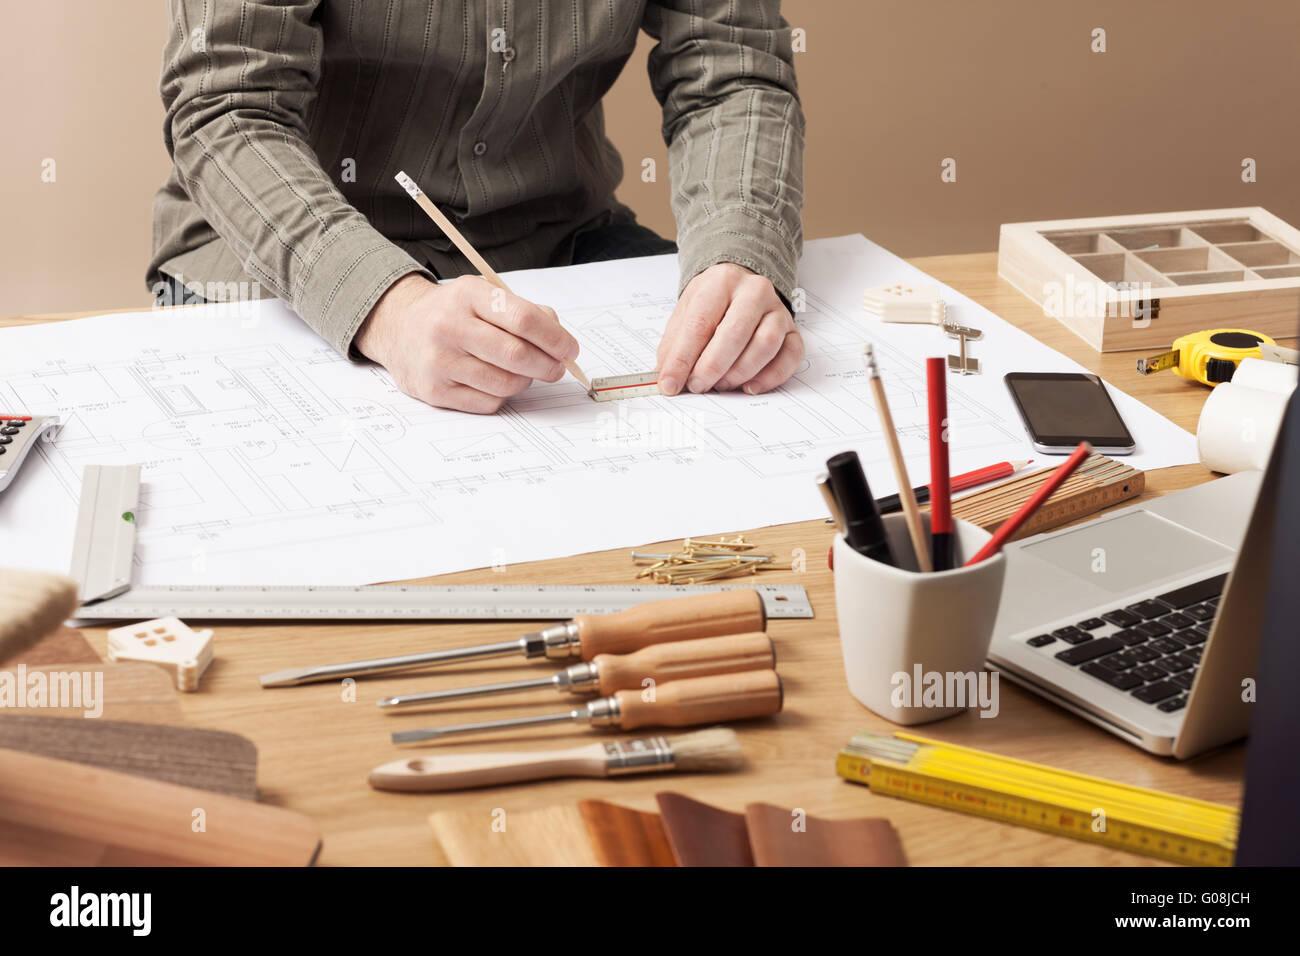 Architecte professionnel et de la construction ingénieur travaillant au bureau 24 mains close-up, il s'appuie Photo Stock